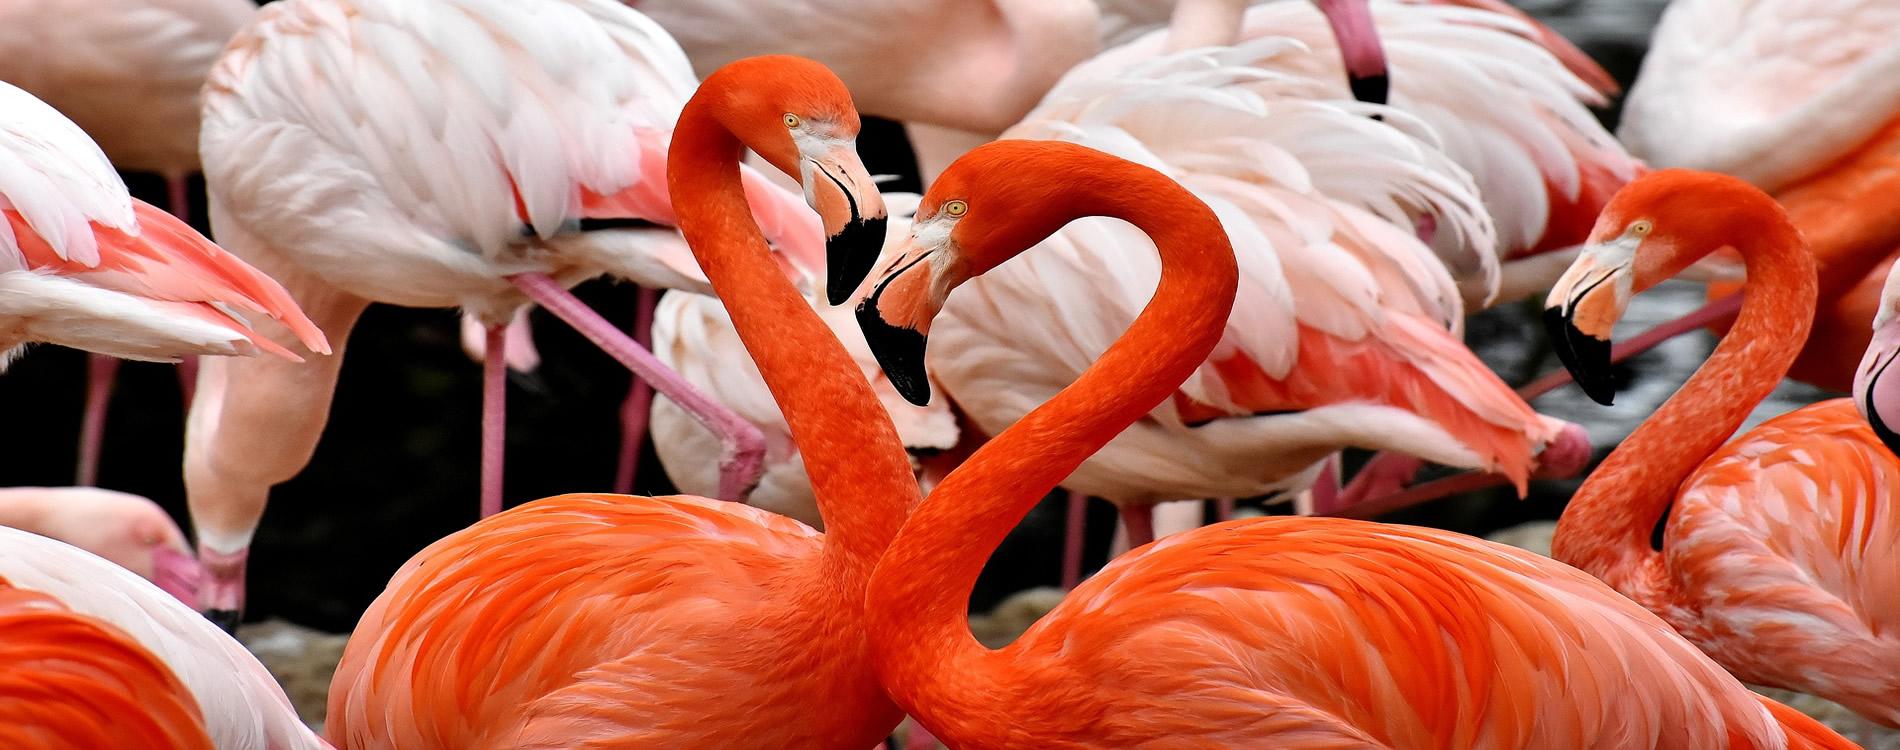 Flamingo_1900x750